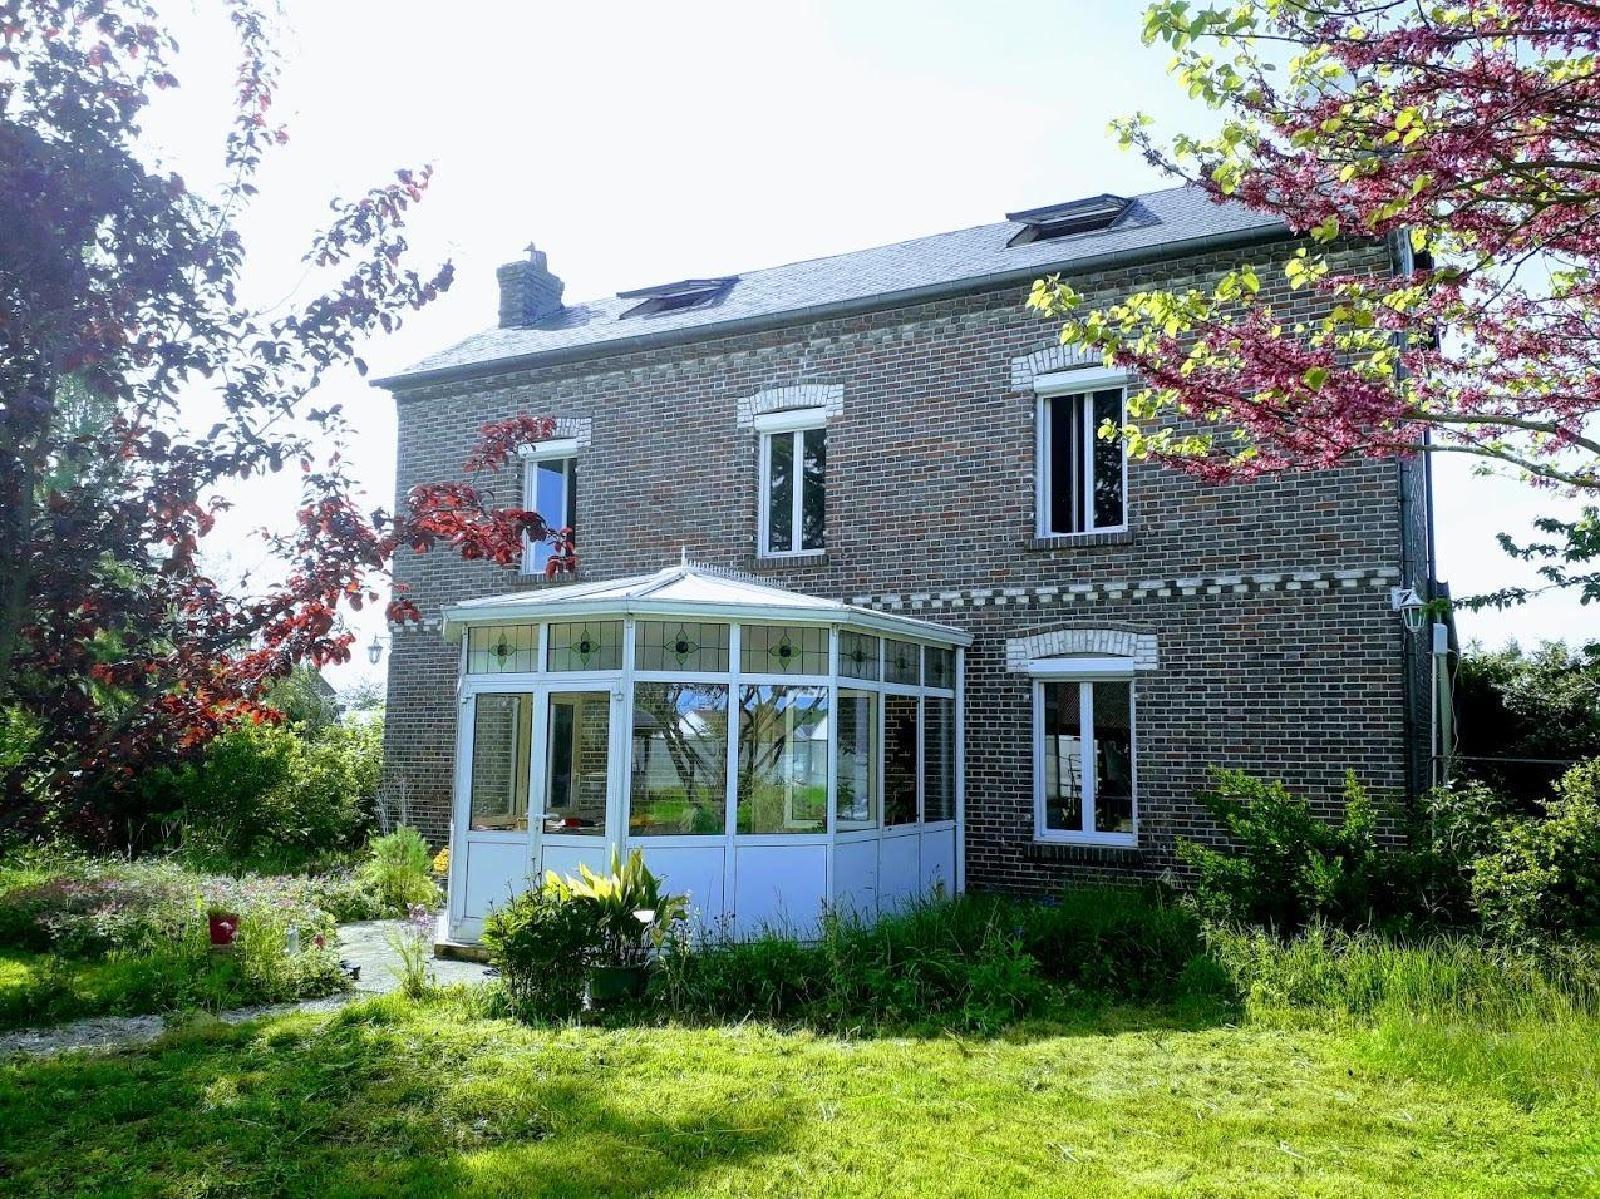 À Vendre   Ventes Immobilier   Immobilier Normandie   Biens ... à Piscine Jean Bouin Évreux